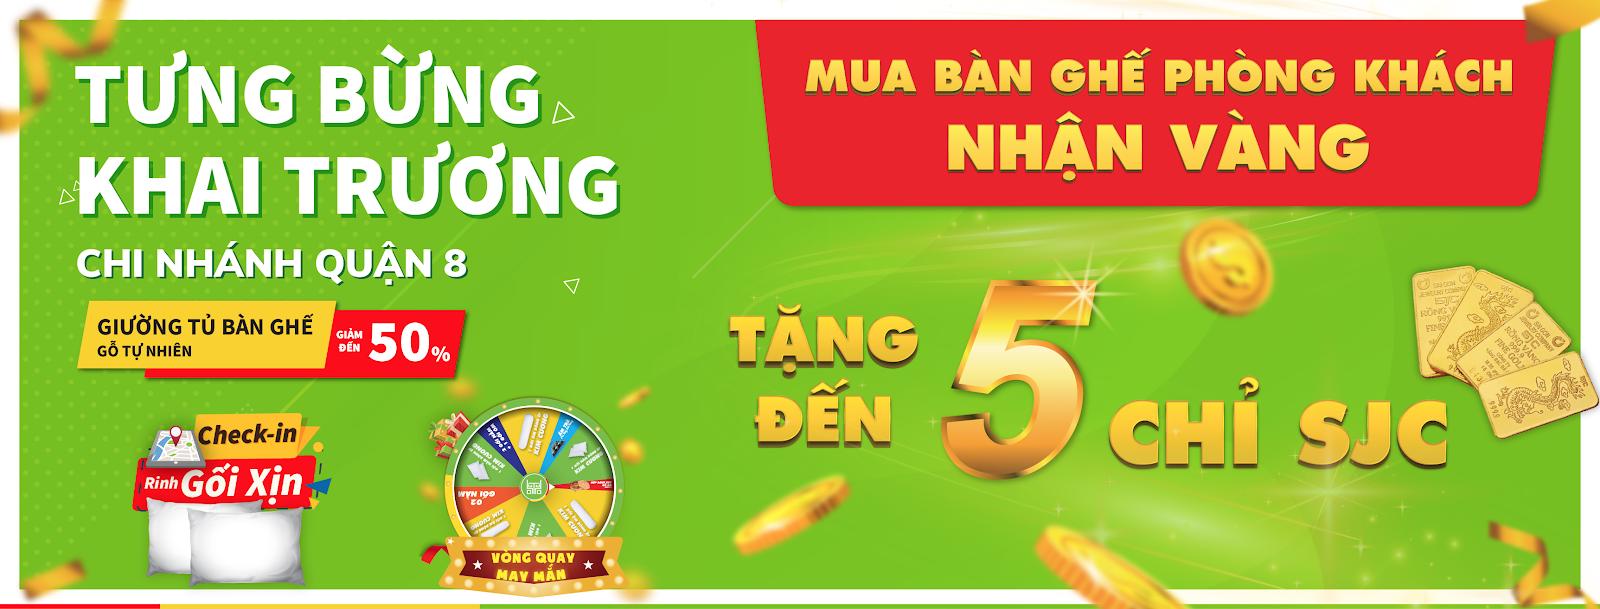 Tưng bừng khai trương Chi nhánh thứ 4 tại Quận 8 Hồ Chí Minh - Dogogiakho.com